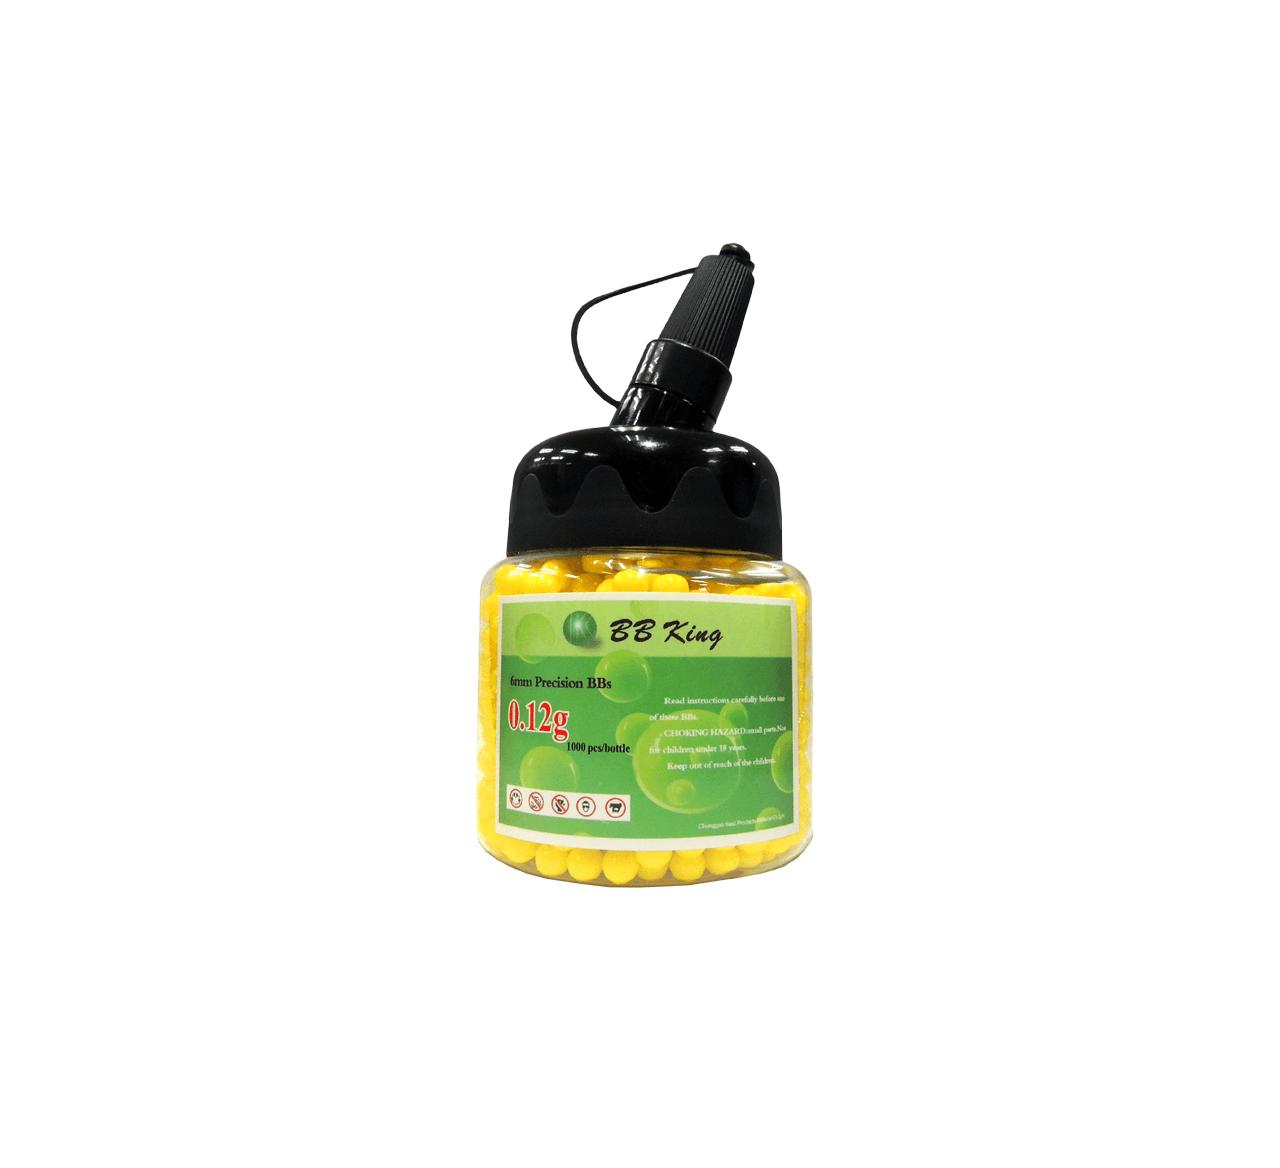 Esfera plástica BBS KA - King Arms amarela 0,12g 6mm 1000 unidades